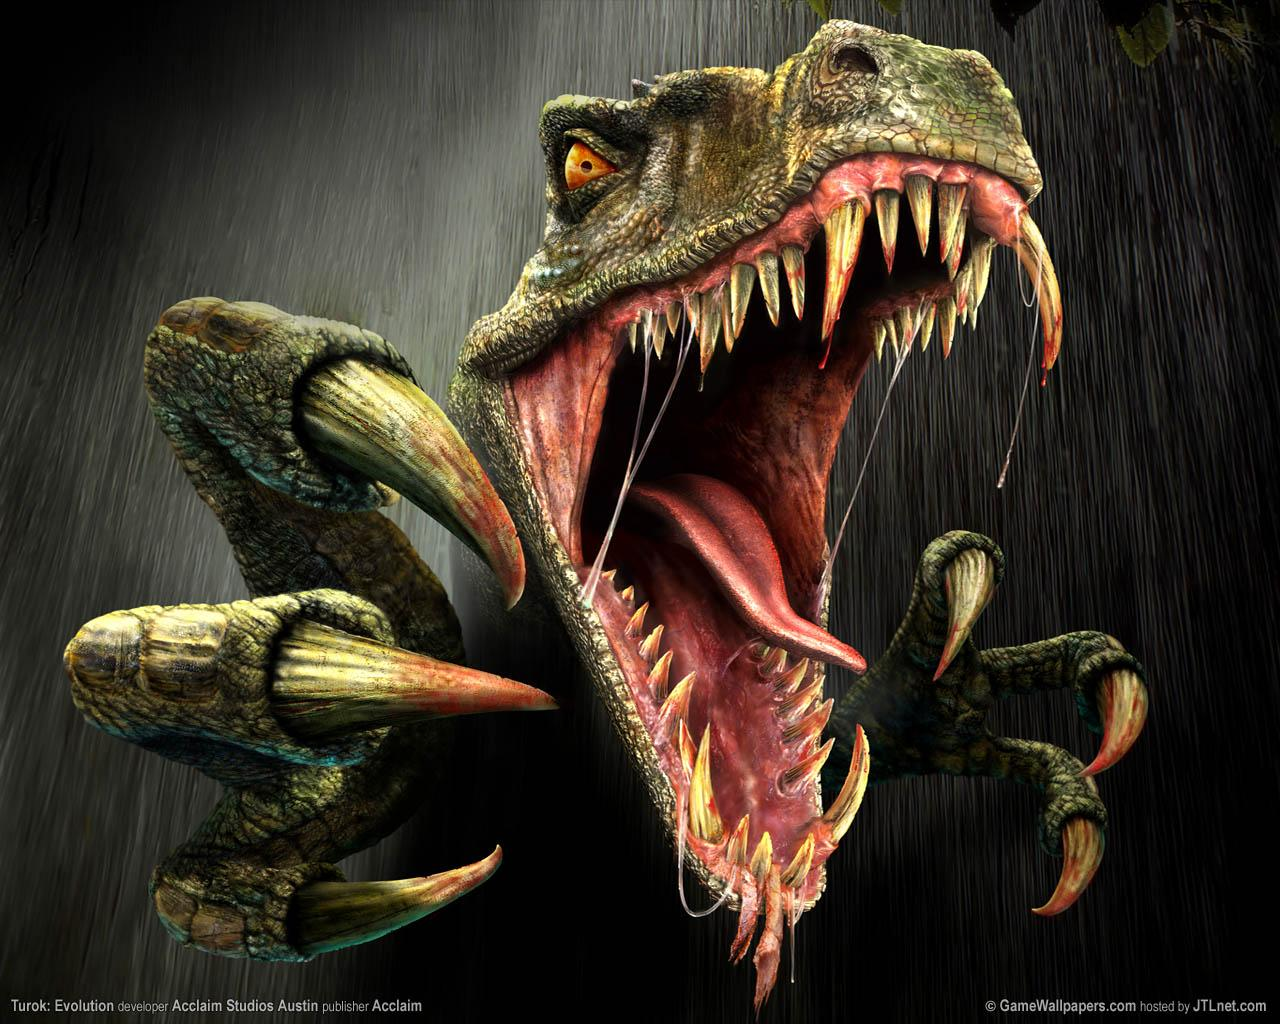 Картинки динозавров цветные с названиями - f1d87